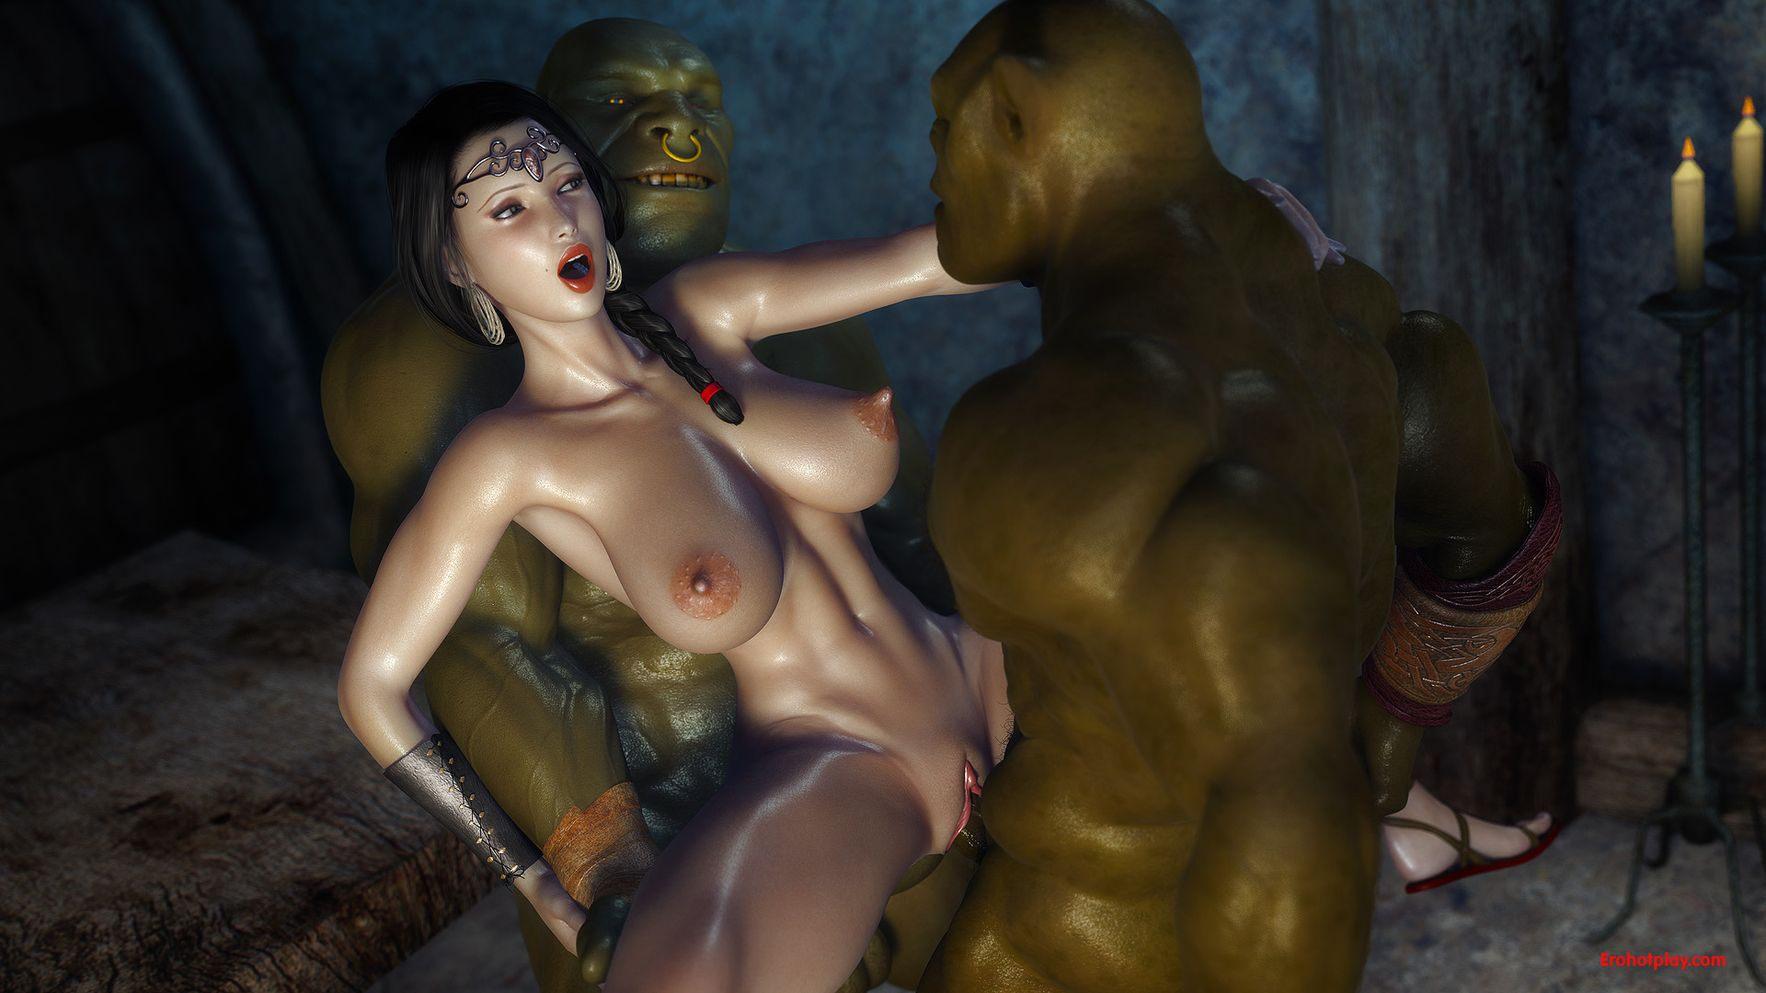 ballon bondage 3d erotik